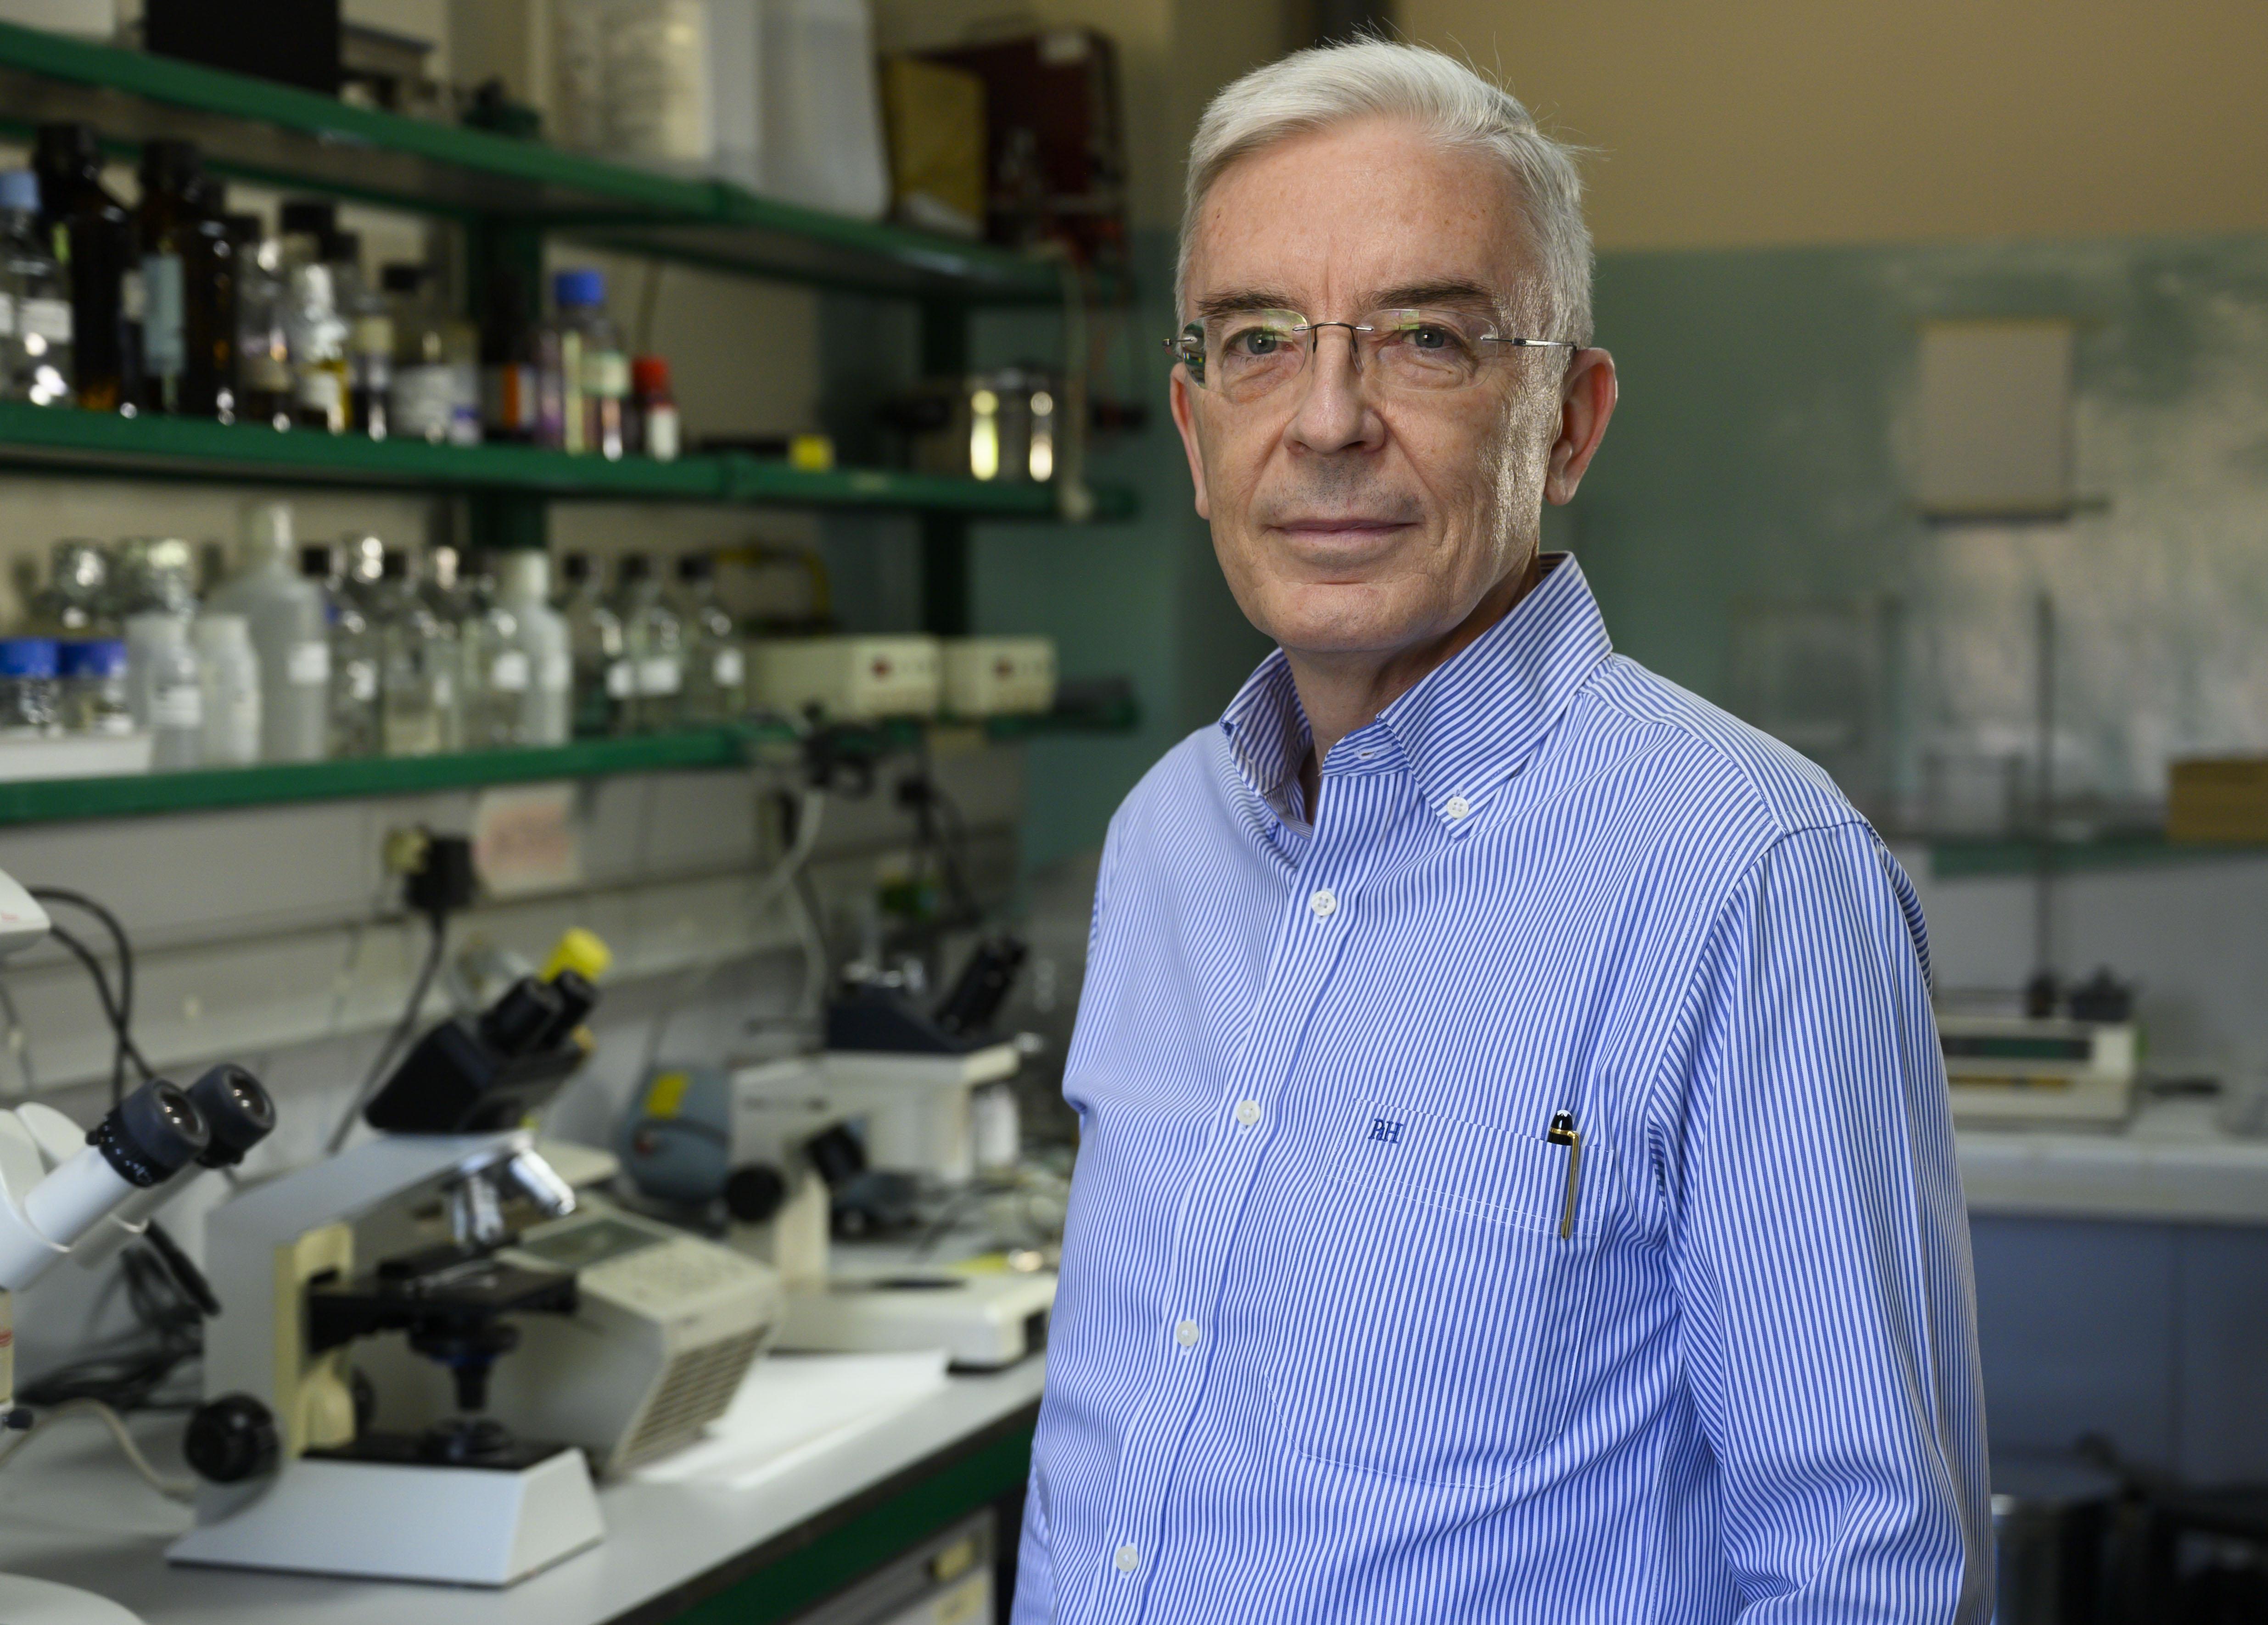 imagen de El director del IIB Alberto Sols, Mario Vallejo, investiga el metabolismo celular. / César Hernández